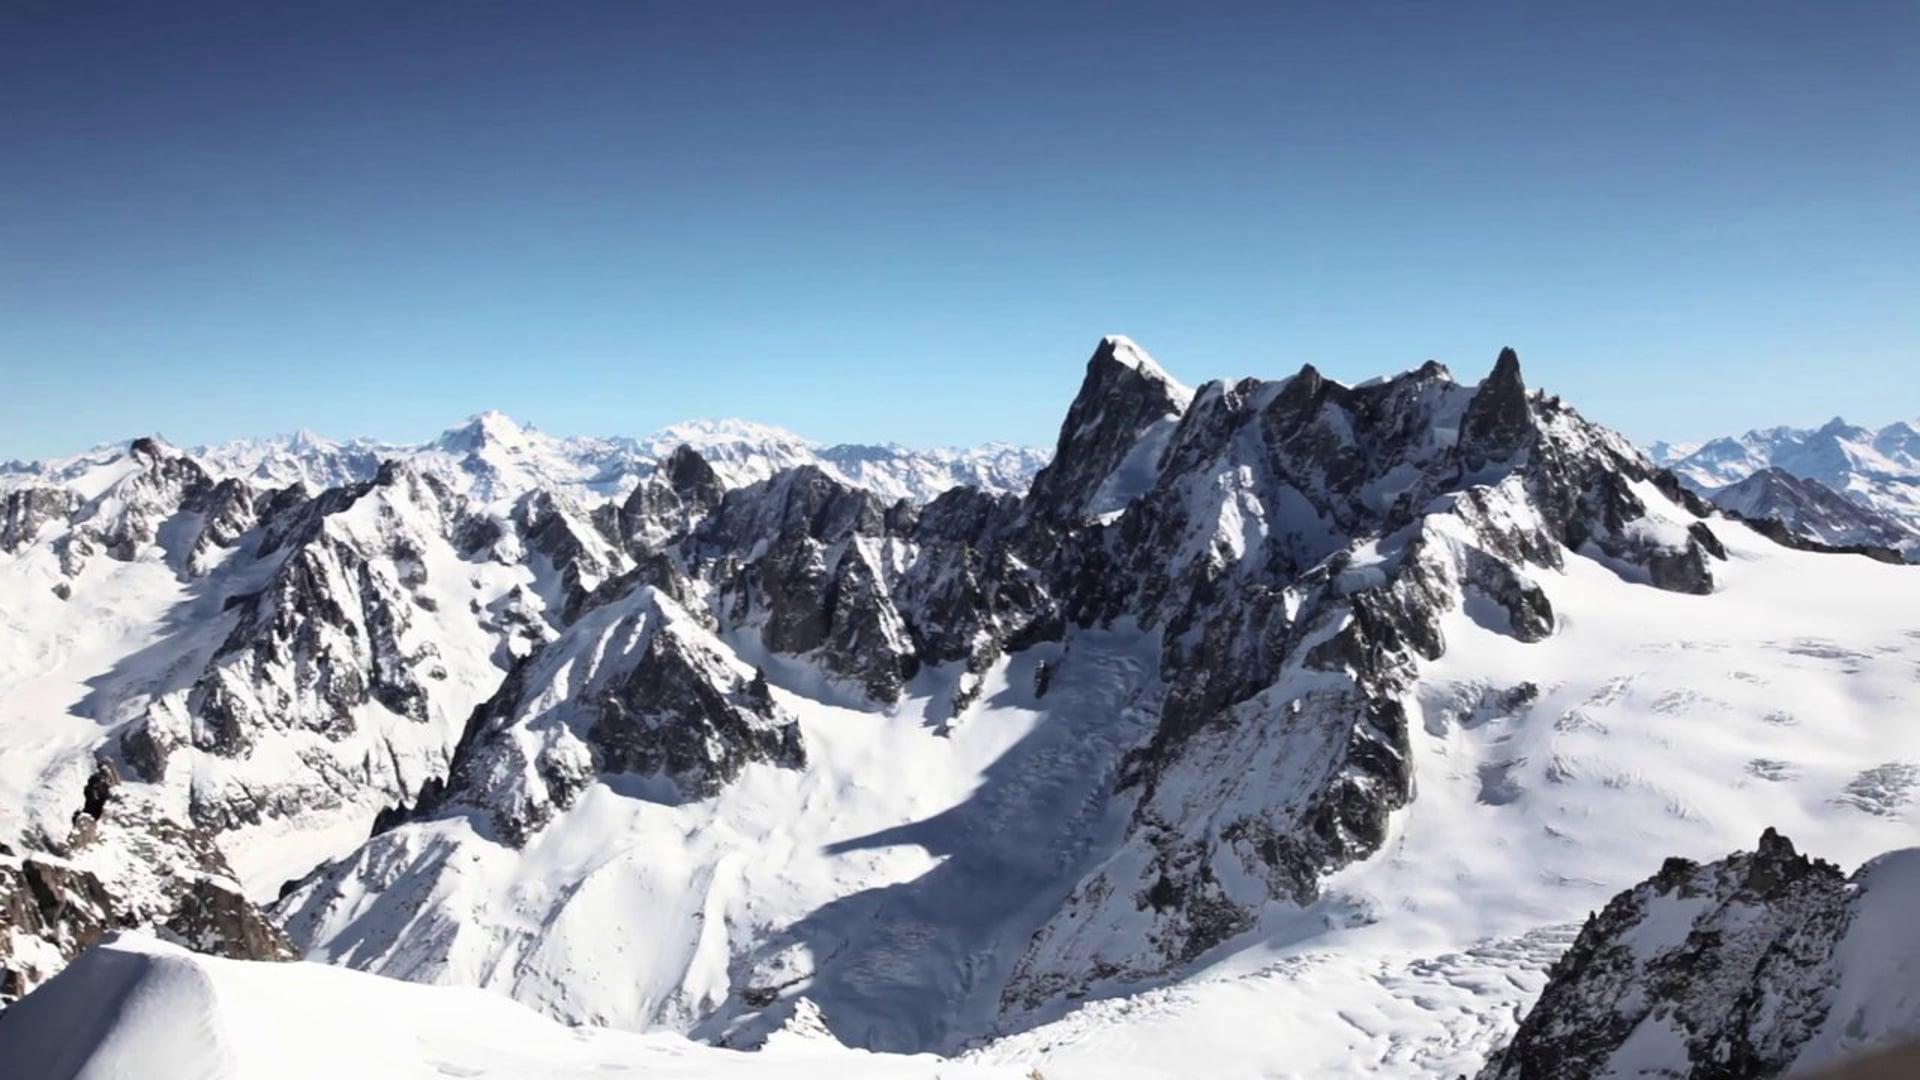 Winter in Rhône-Alpes